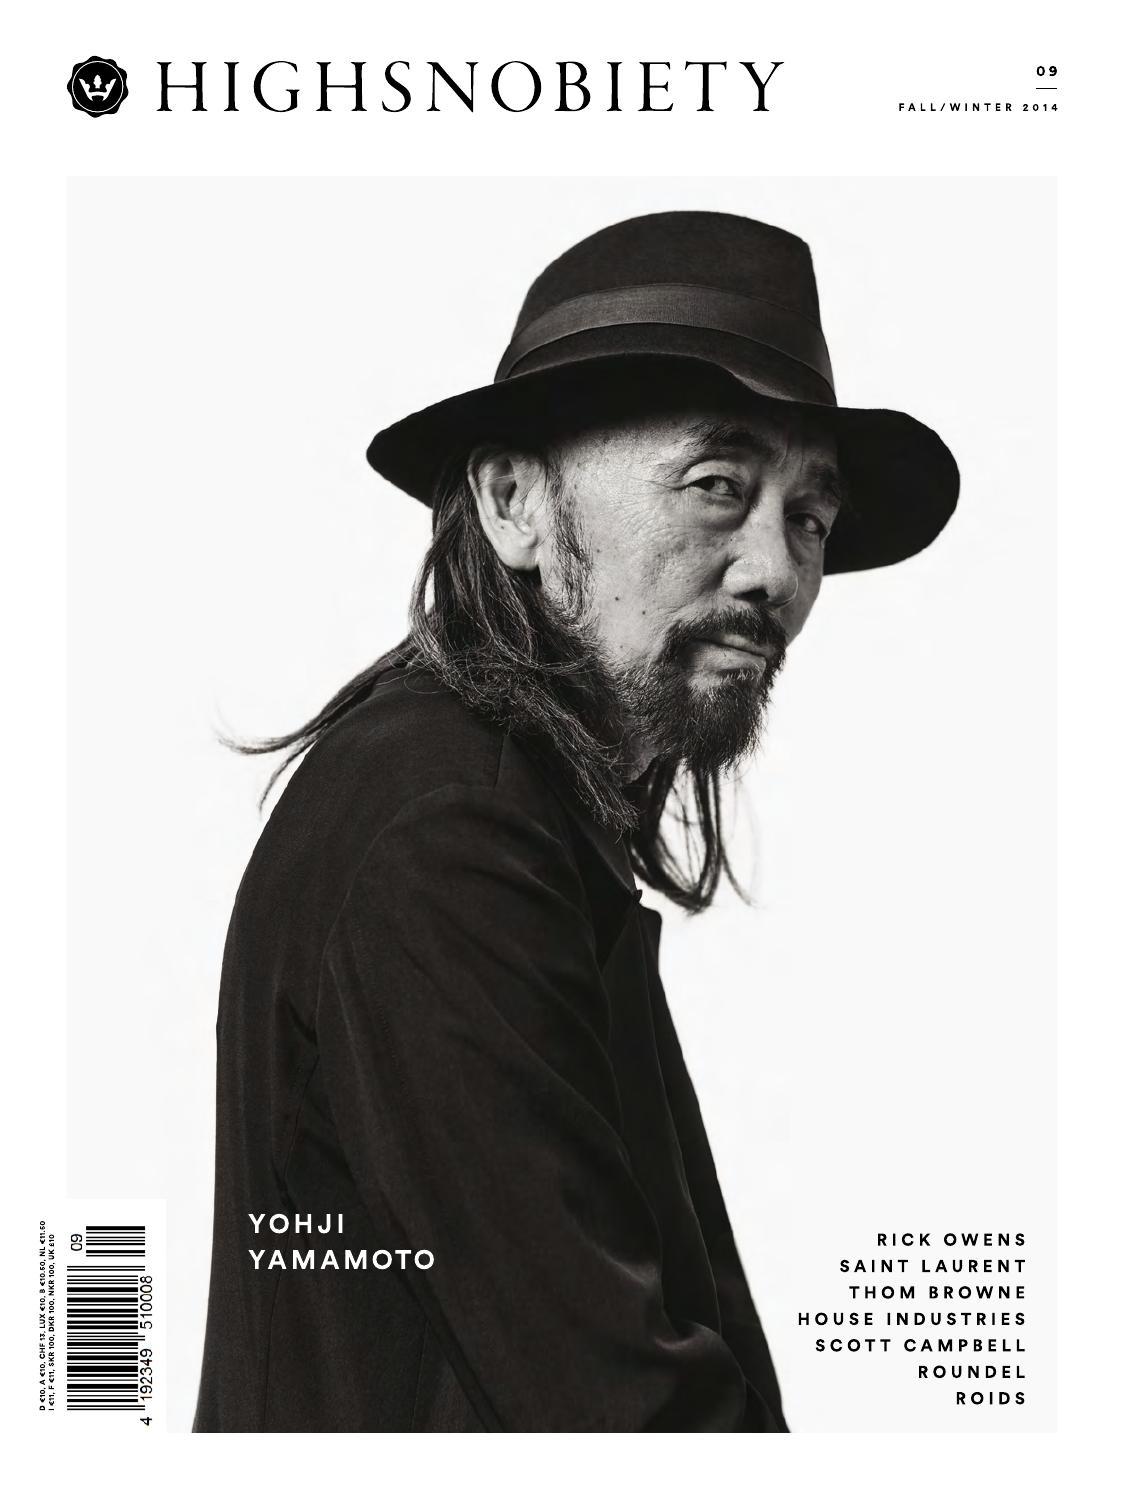 9490013eaab Highsnobiety Magazine 09 - Winter 2014 by HIGHSNOBIETY - issuu